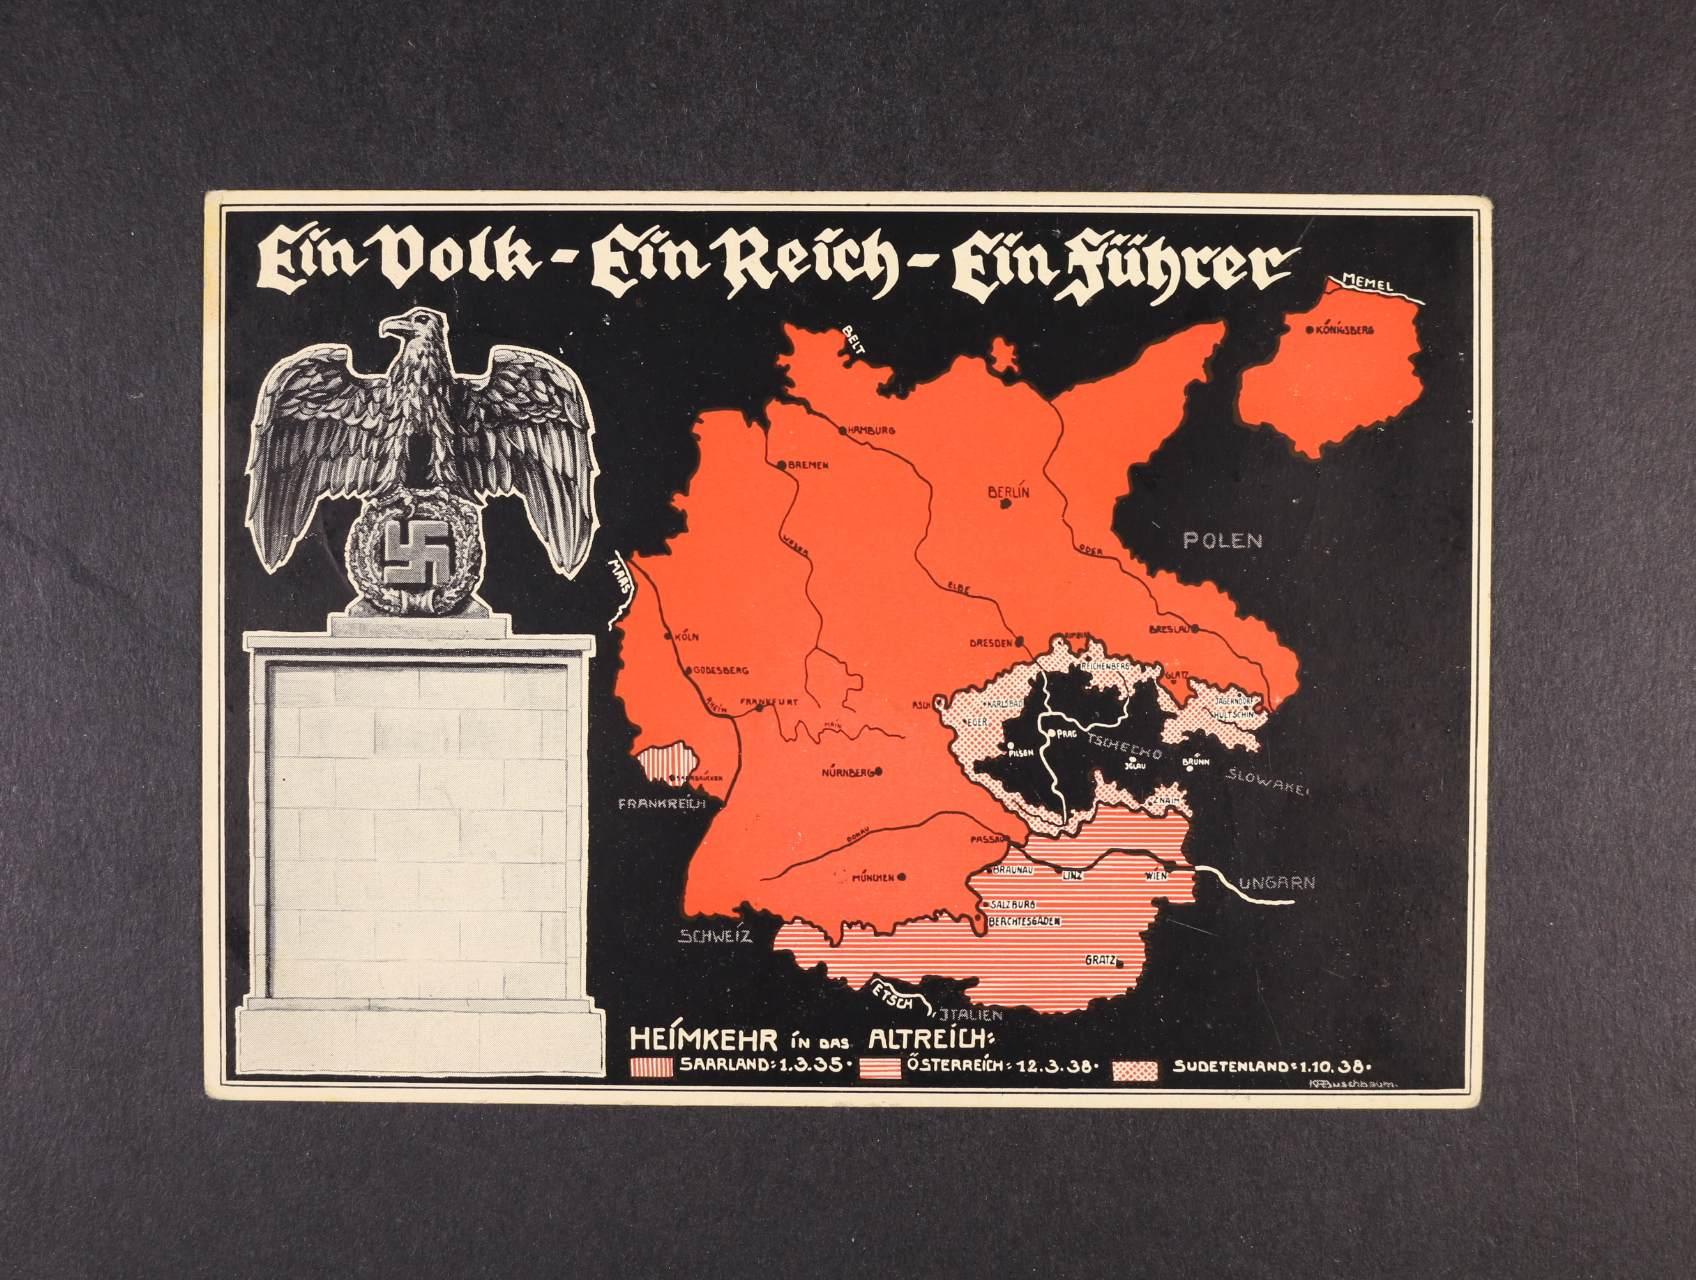 bar. pohlednice Ein Volk, Ein Reich, Ein Führer, nepoužitá s pam. raz. na zadní straně, dobrá kvalita